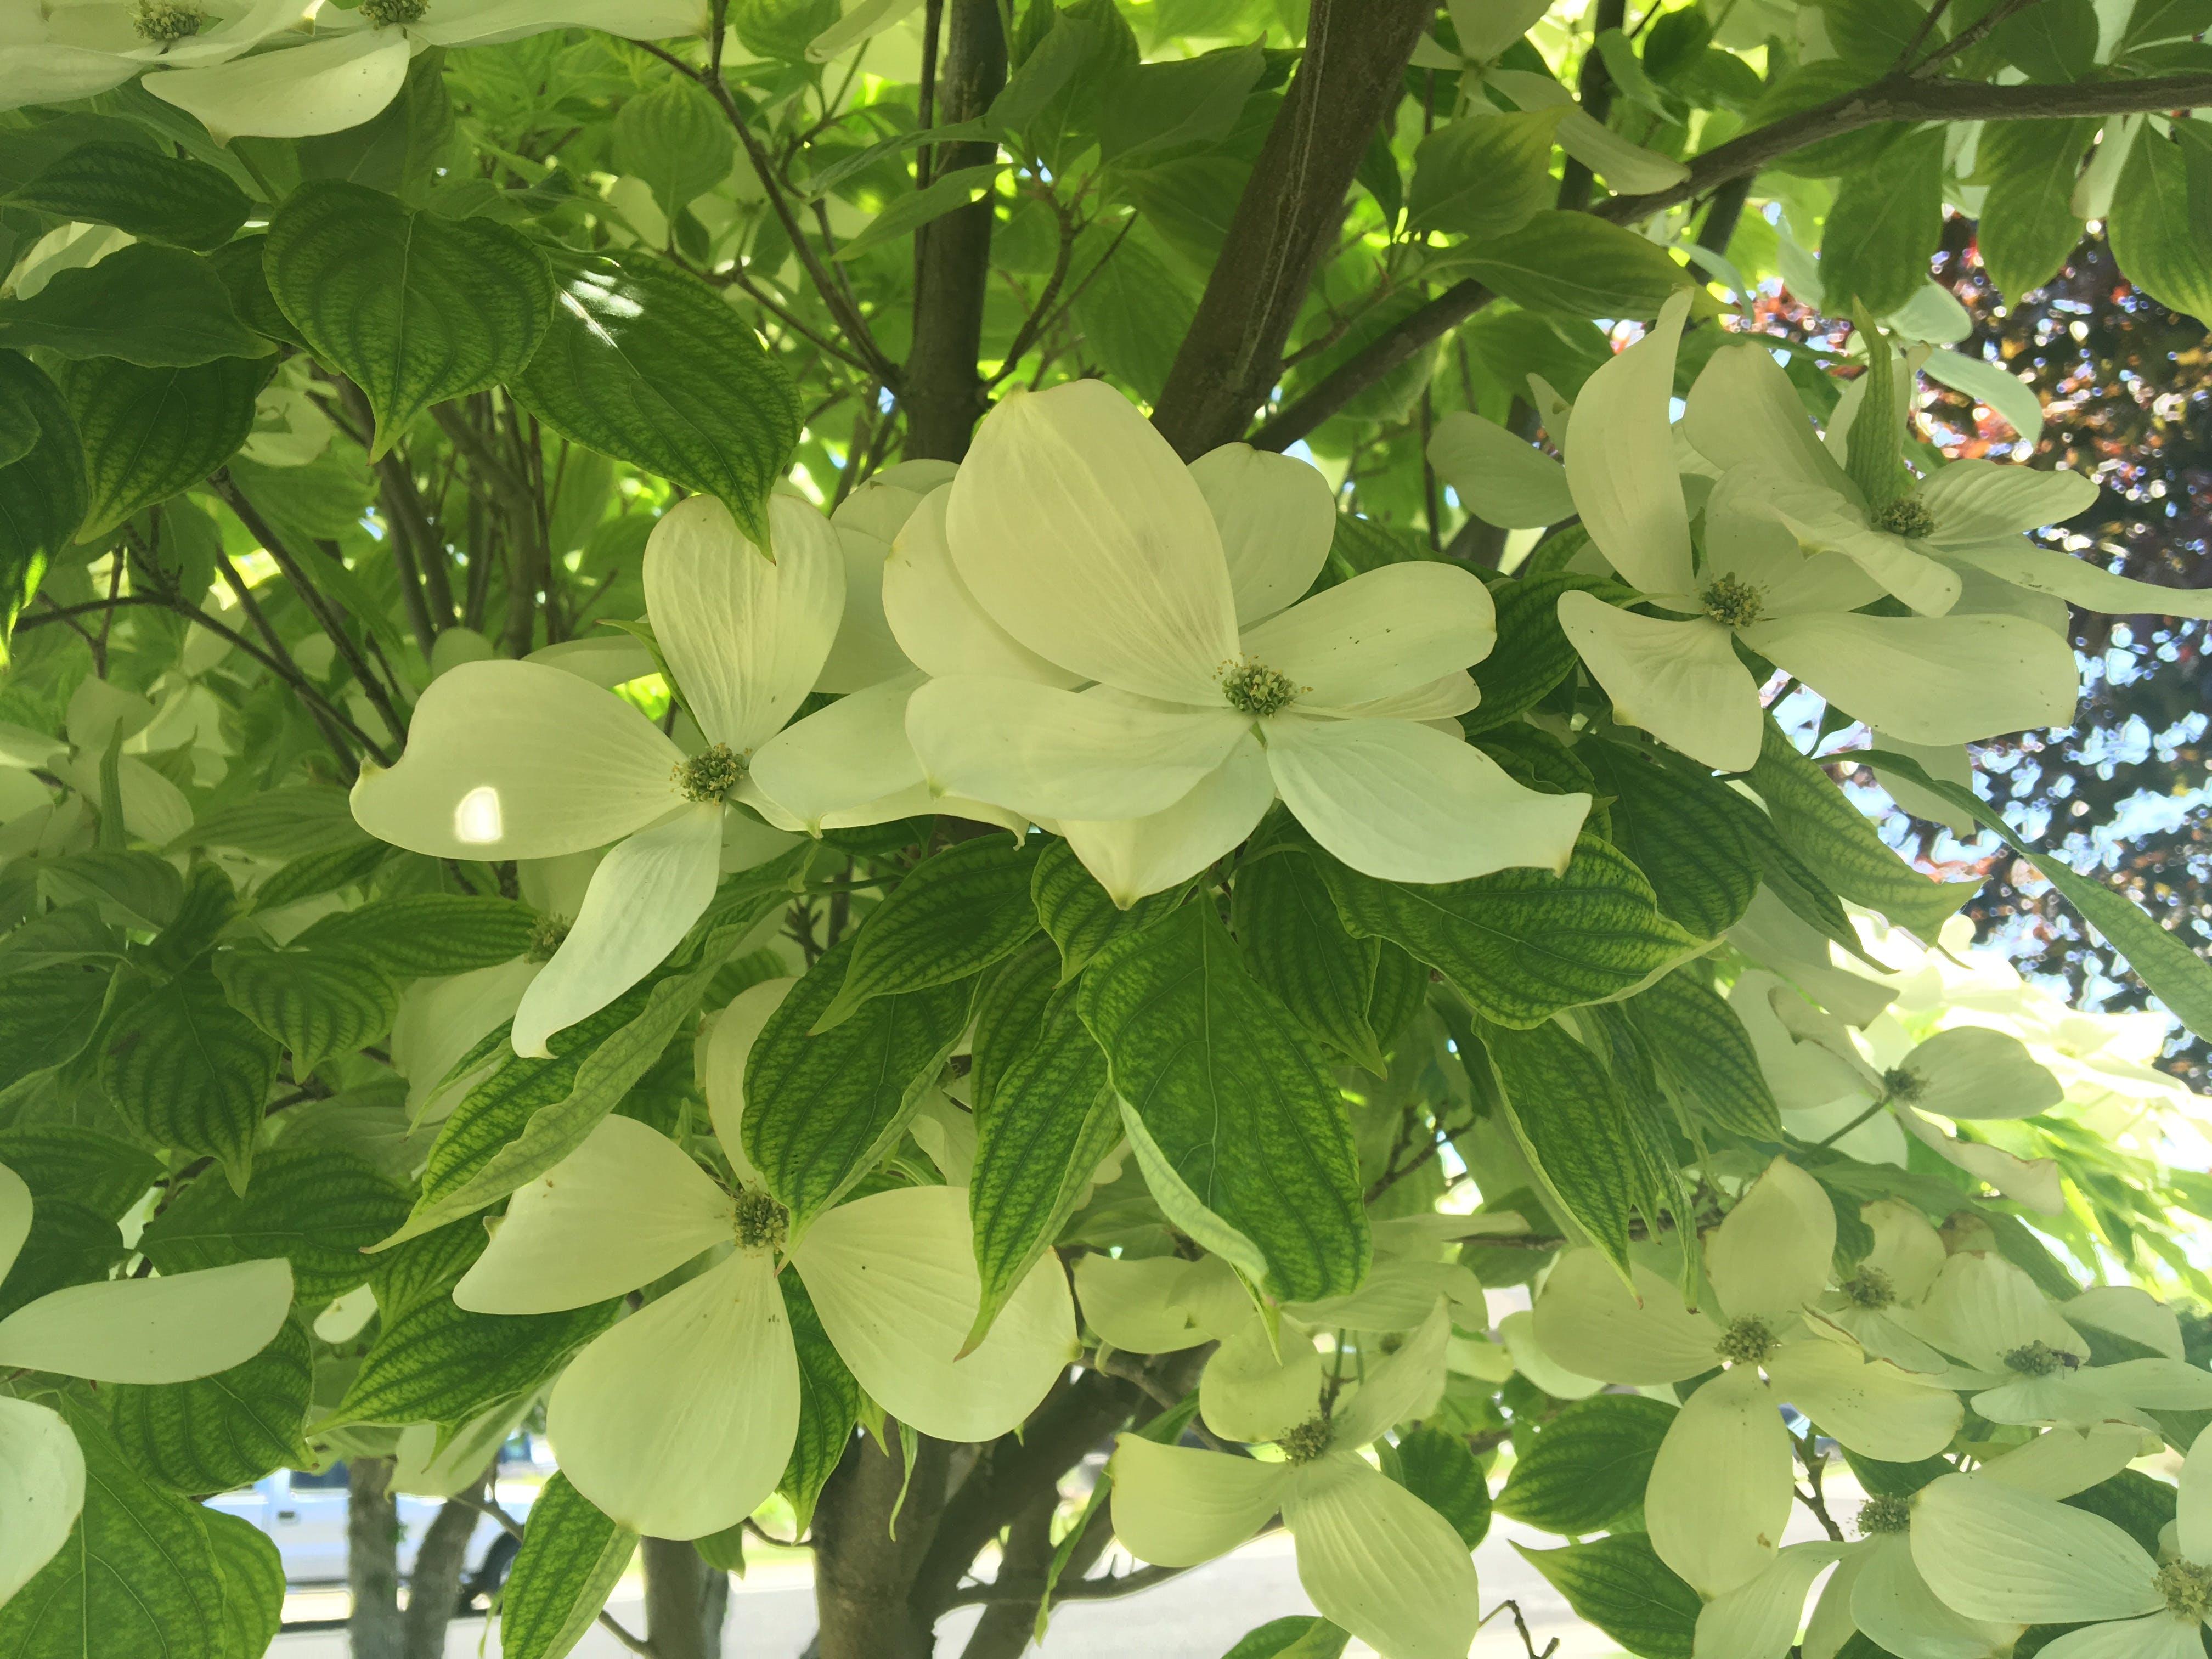 Free stock photo of flower, white flower, dogwood, tree flower